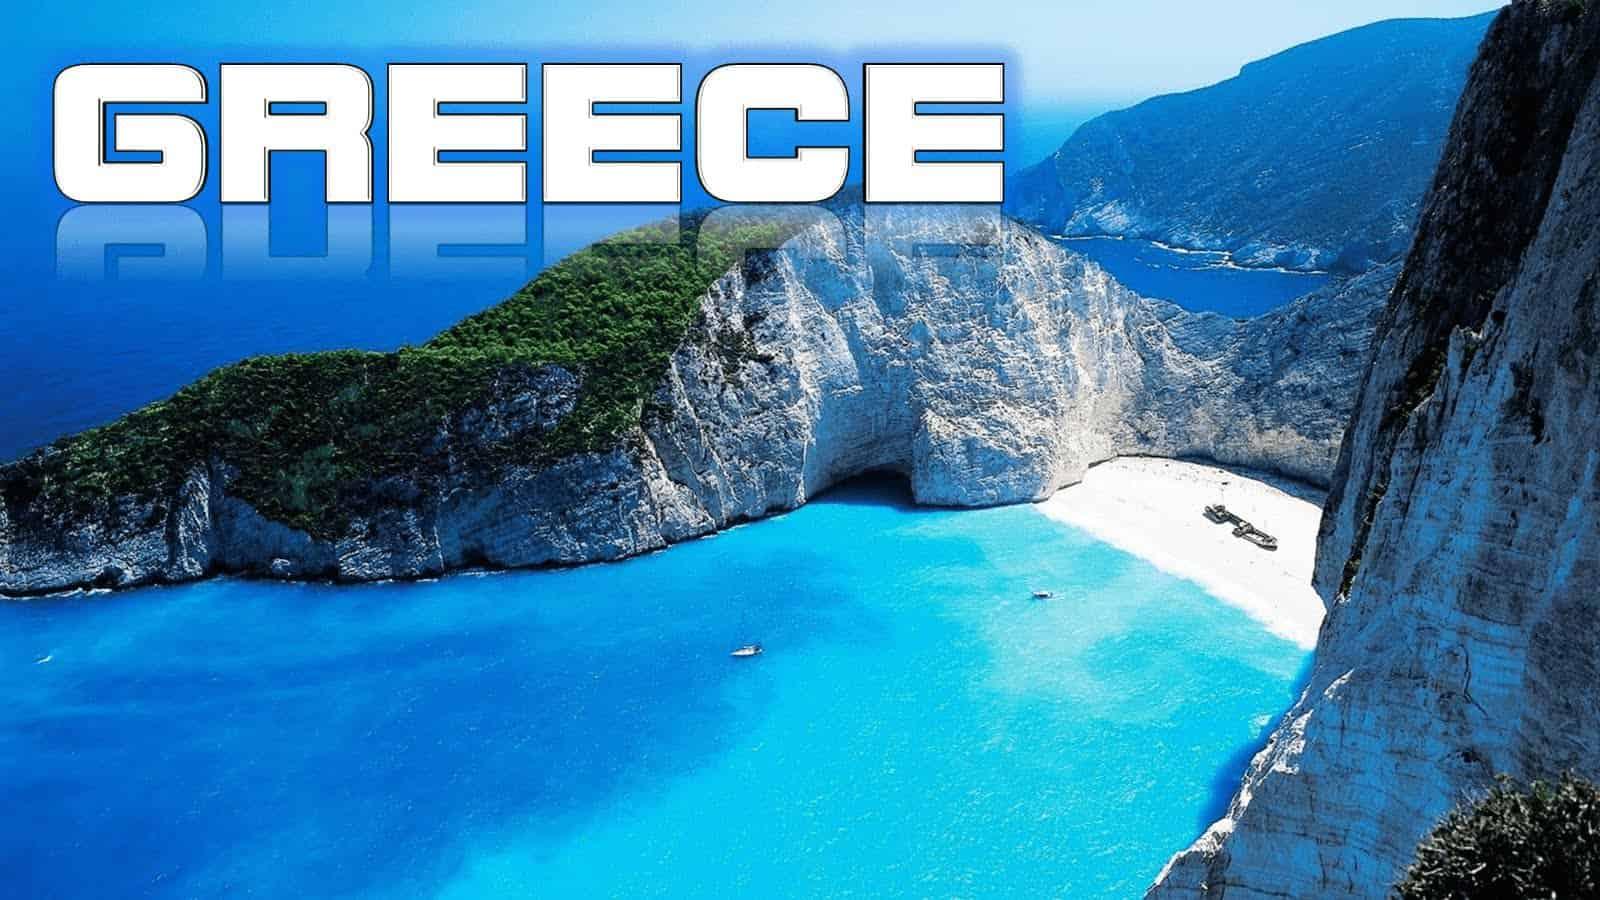 خطوات وشروط تاشيرة اليونان من السعودية - موسوعة